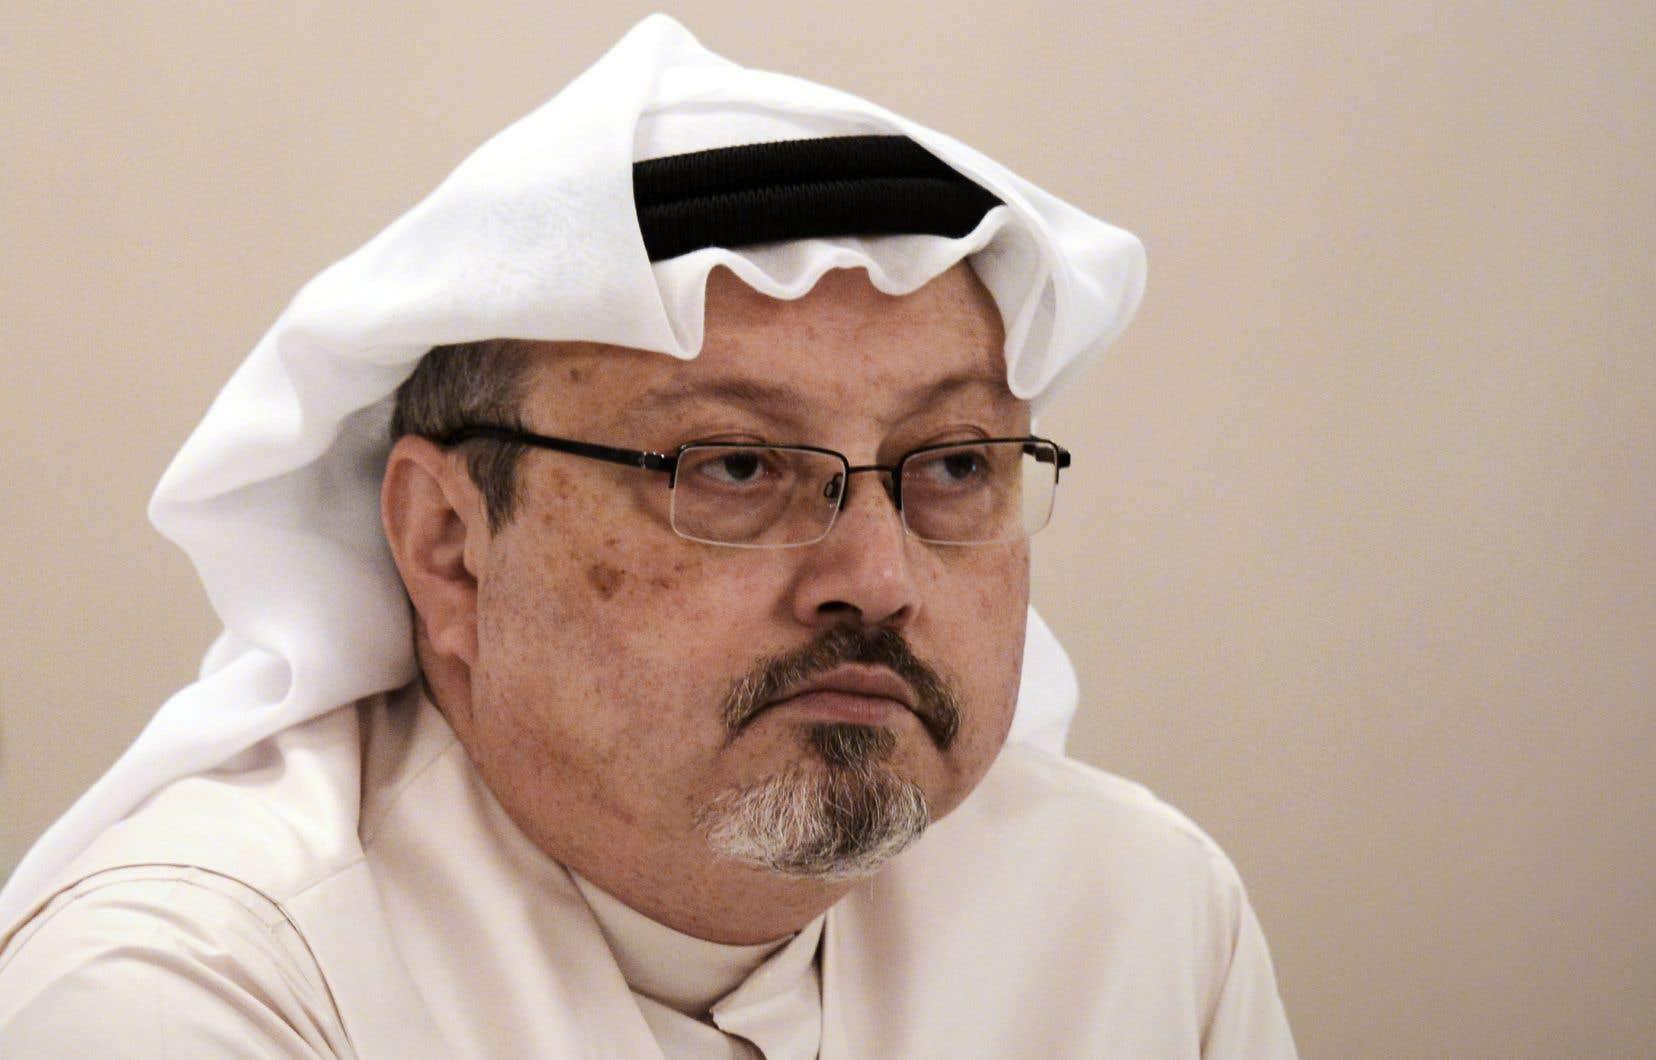 Collaborateur du «Washington Post» et critique du régime saoudien après en avoir été proche, Jamal Khashoggi a été assassiné en octobre 2018 dans le consulat d'Arabie saoudite à Istanbul, où il s'était rendu pour récupérer un document.